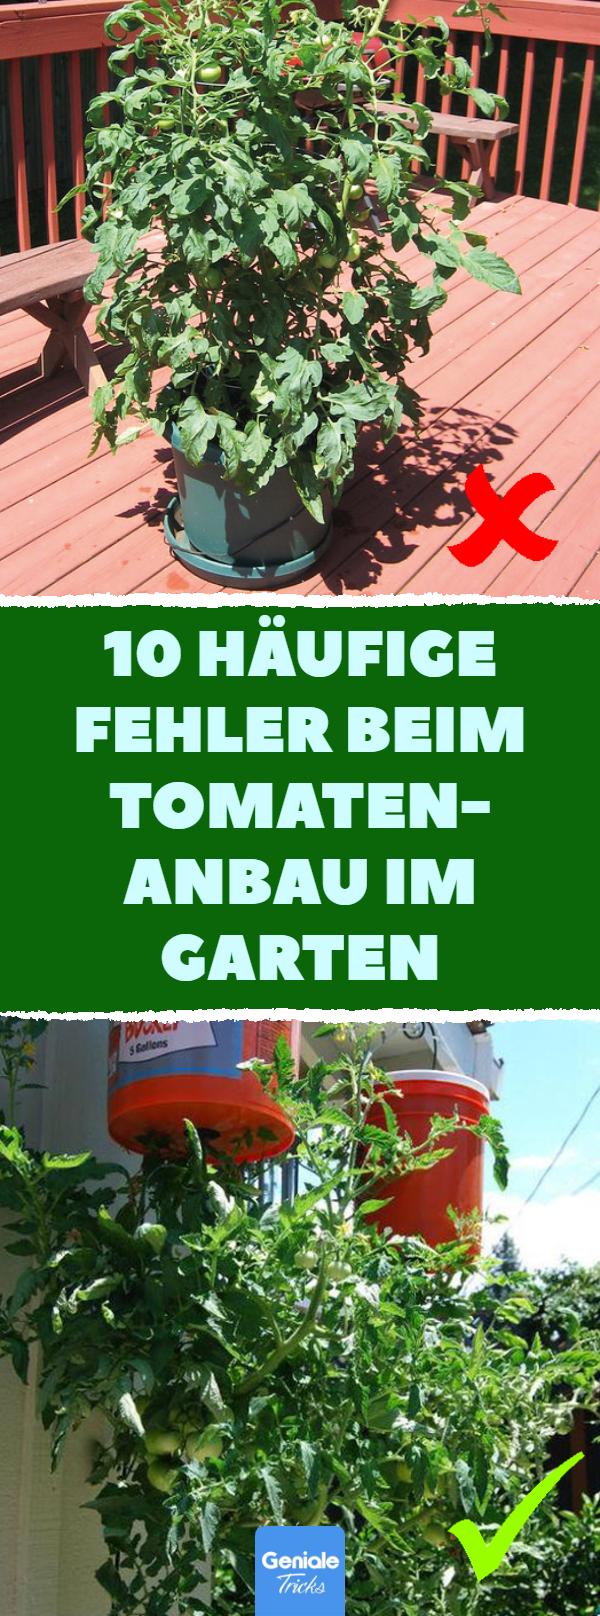 10 Haufige Fehler Beim Tomatenanbau Im Garten 10 Fehler Beim Tomaten Ziehen Und Tipps Wie S Richtig Geht Tomaten Pfla In 2020 Tomatenanbau Pflanzen Tomaten Pflanzen